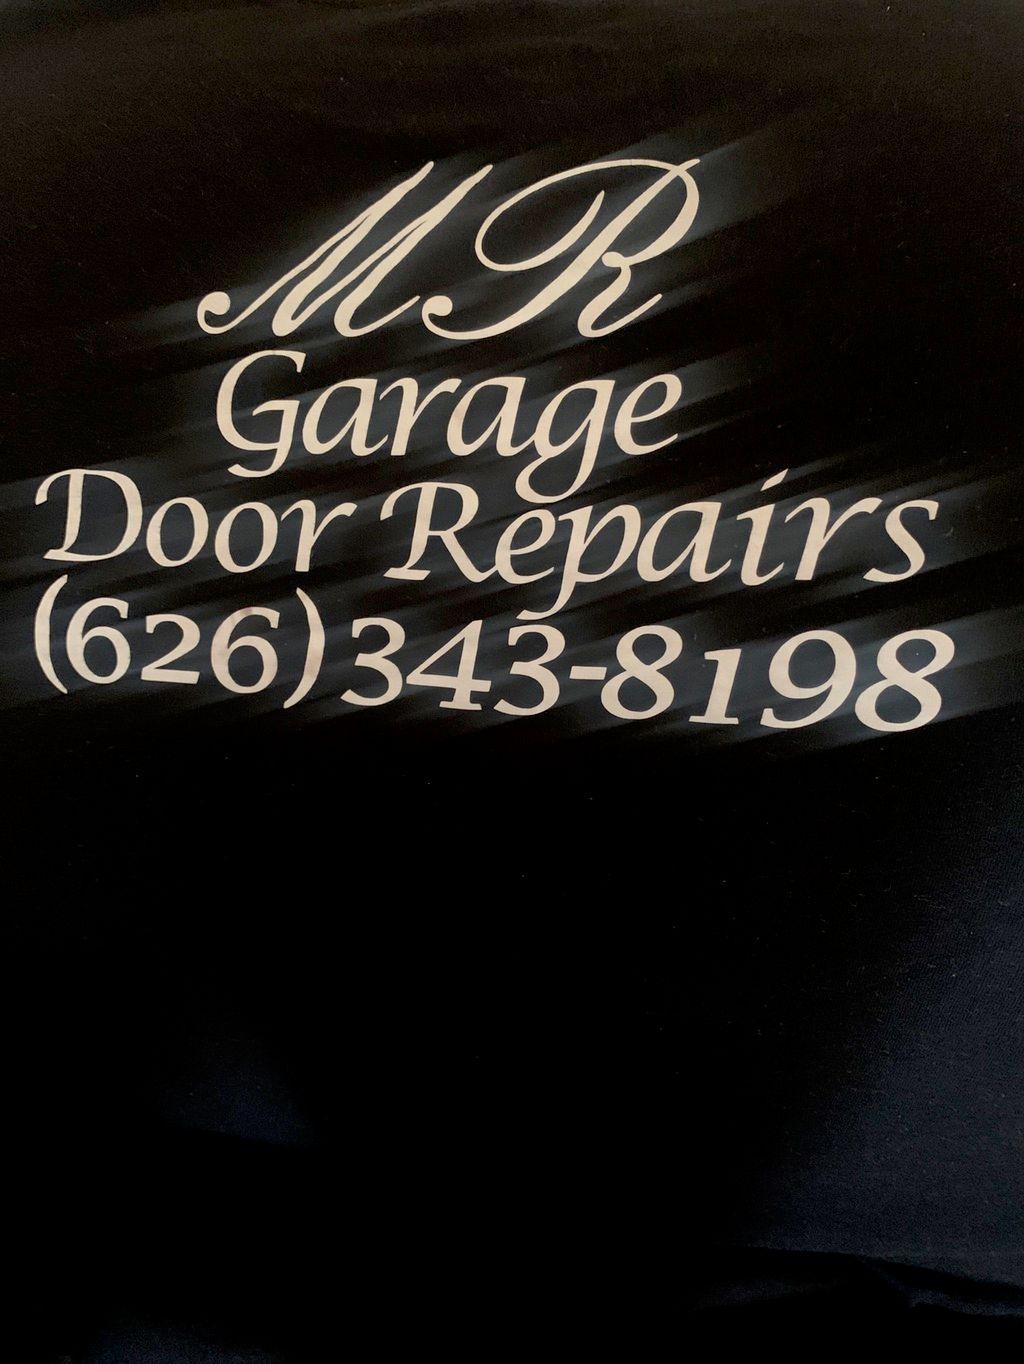 MR Garage Door Repairs